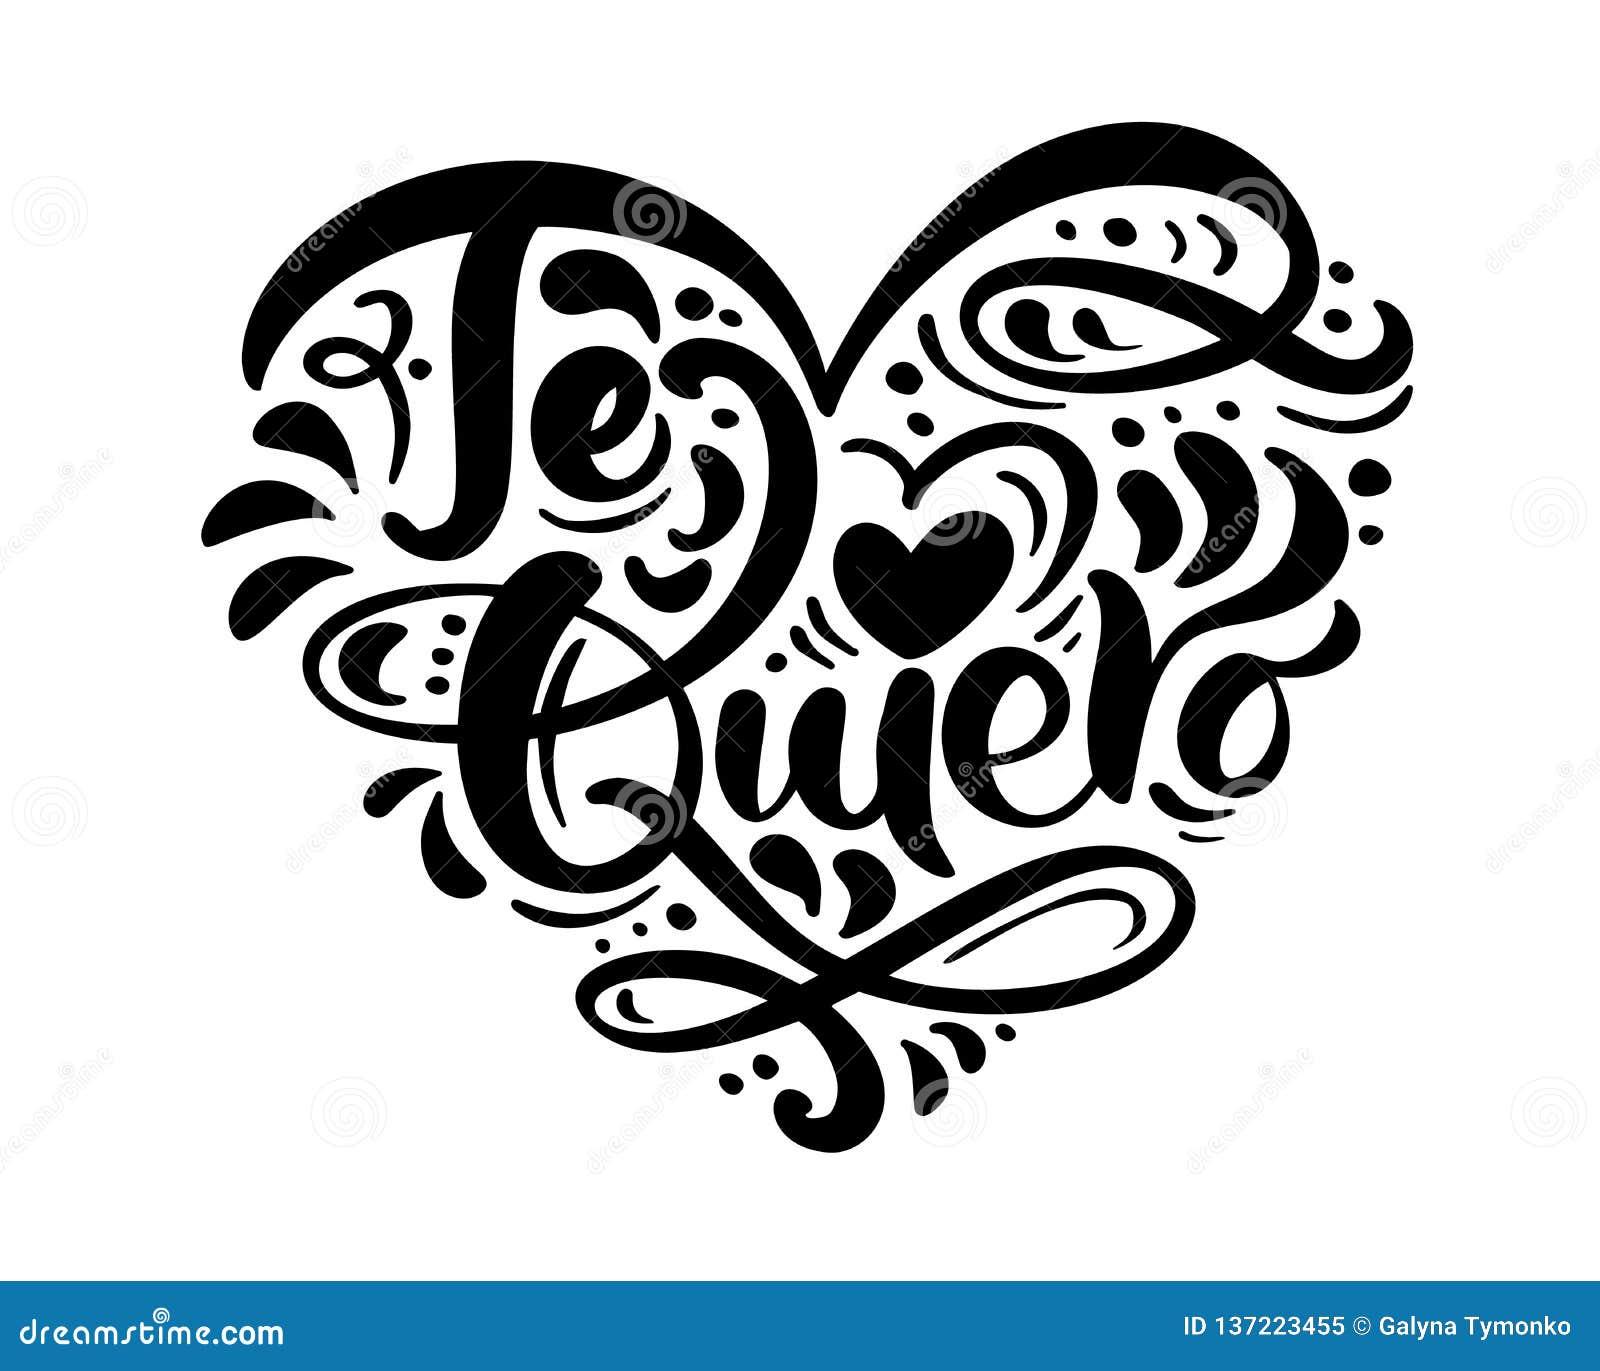 Frase Te Quiero De La Caligrafía En Español Te Amo Letras